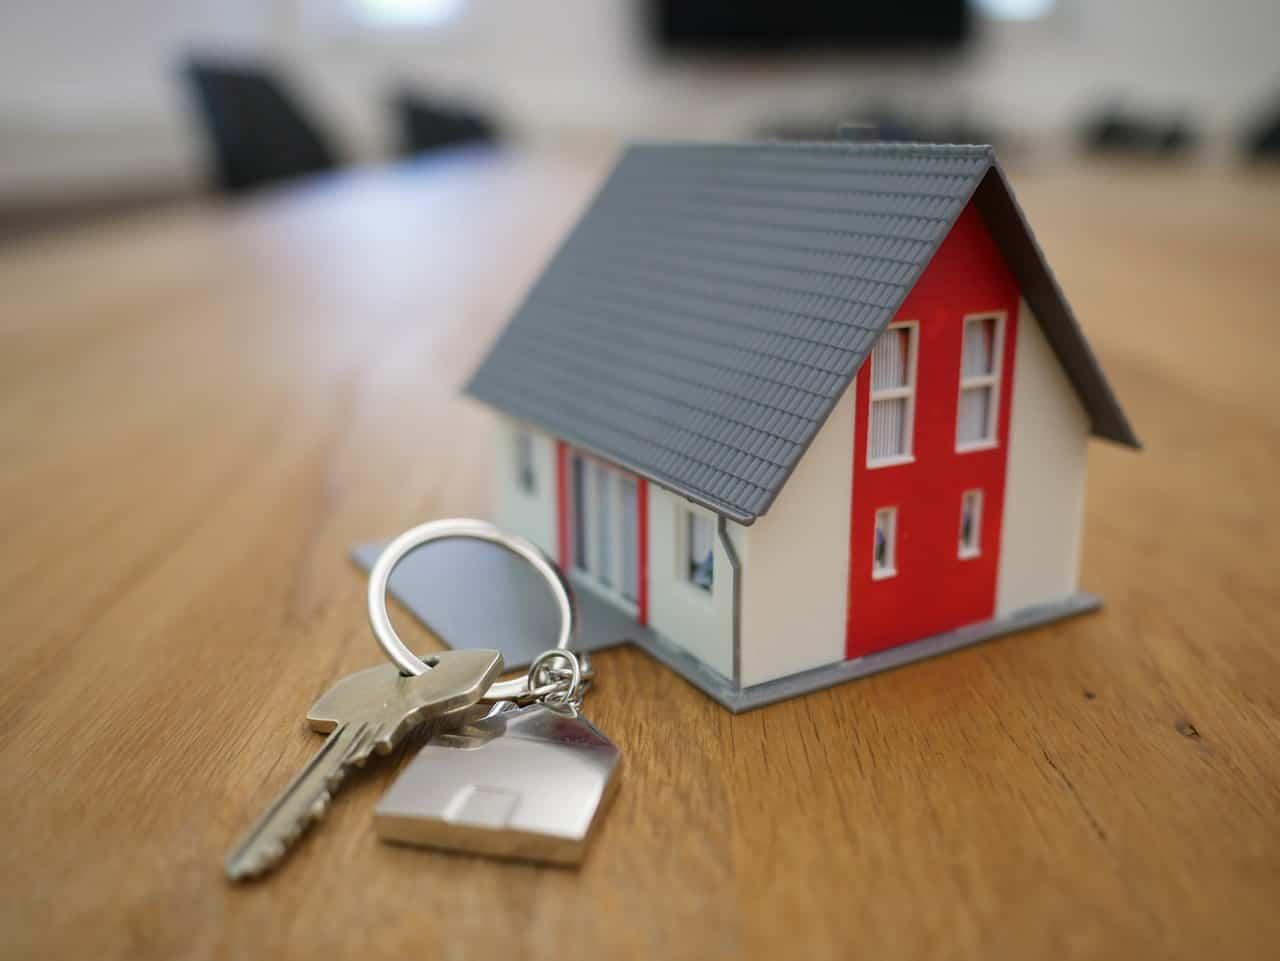 מודל בית משפחתי על שולחן ולידו מפתחות לבית